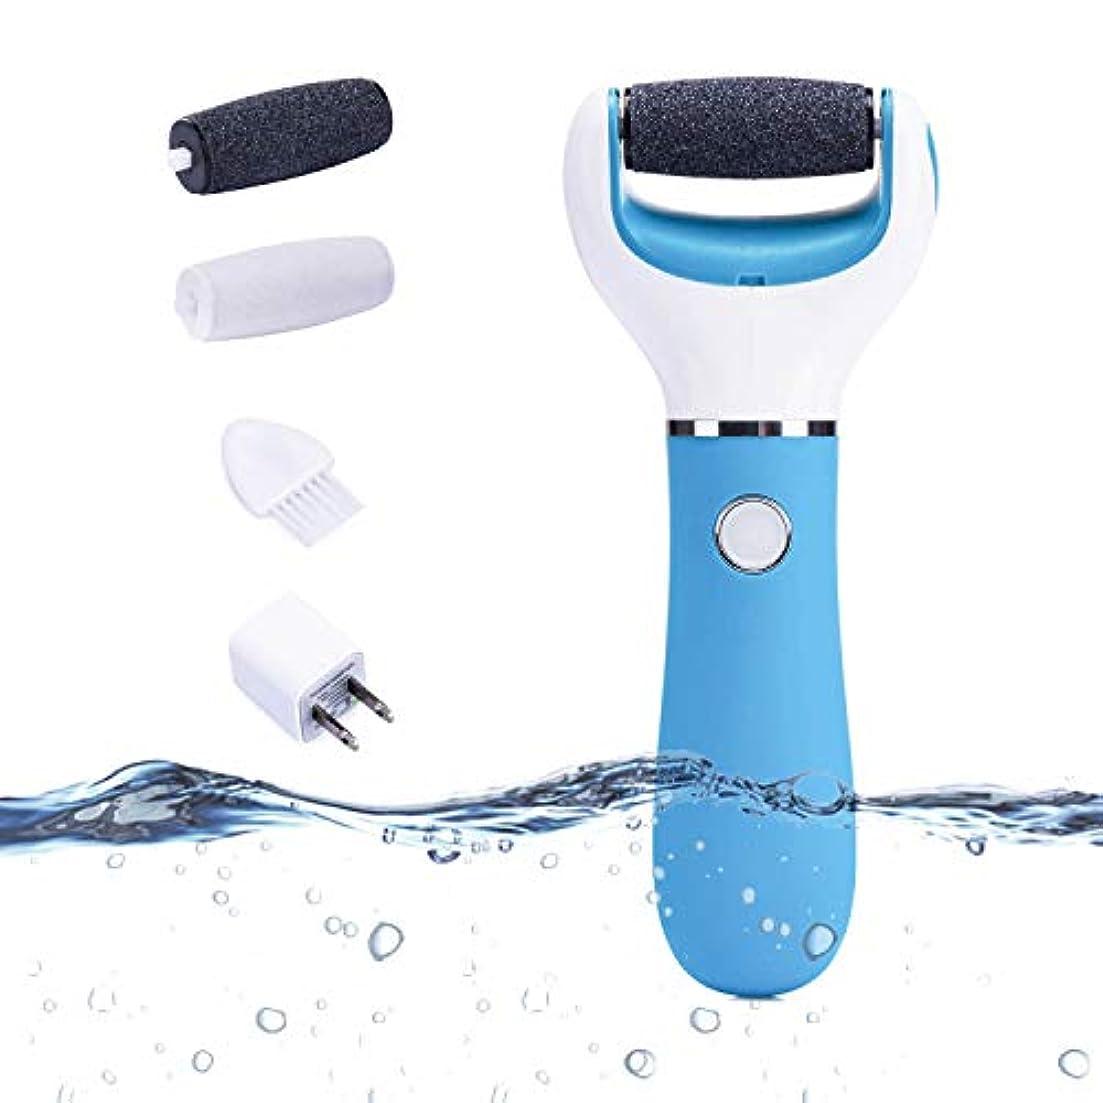 ディスコ矩形店主LionWell 電動角質リムーバー USB充電式 防水 足ケア 軽石 角質取り 角質除去 改良版ローラー 粗目/細目 2つ付き 快速/低速モード 爪磨き機能 水洗い可能 フットケア (ブルー?強化型)